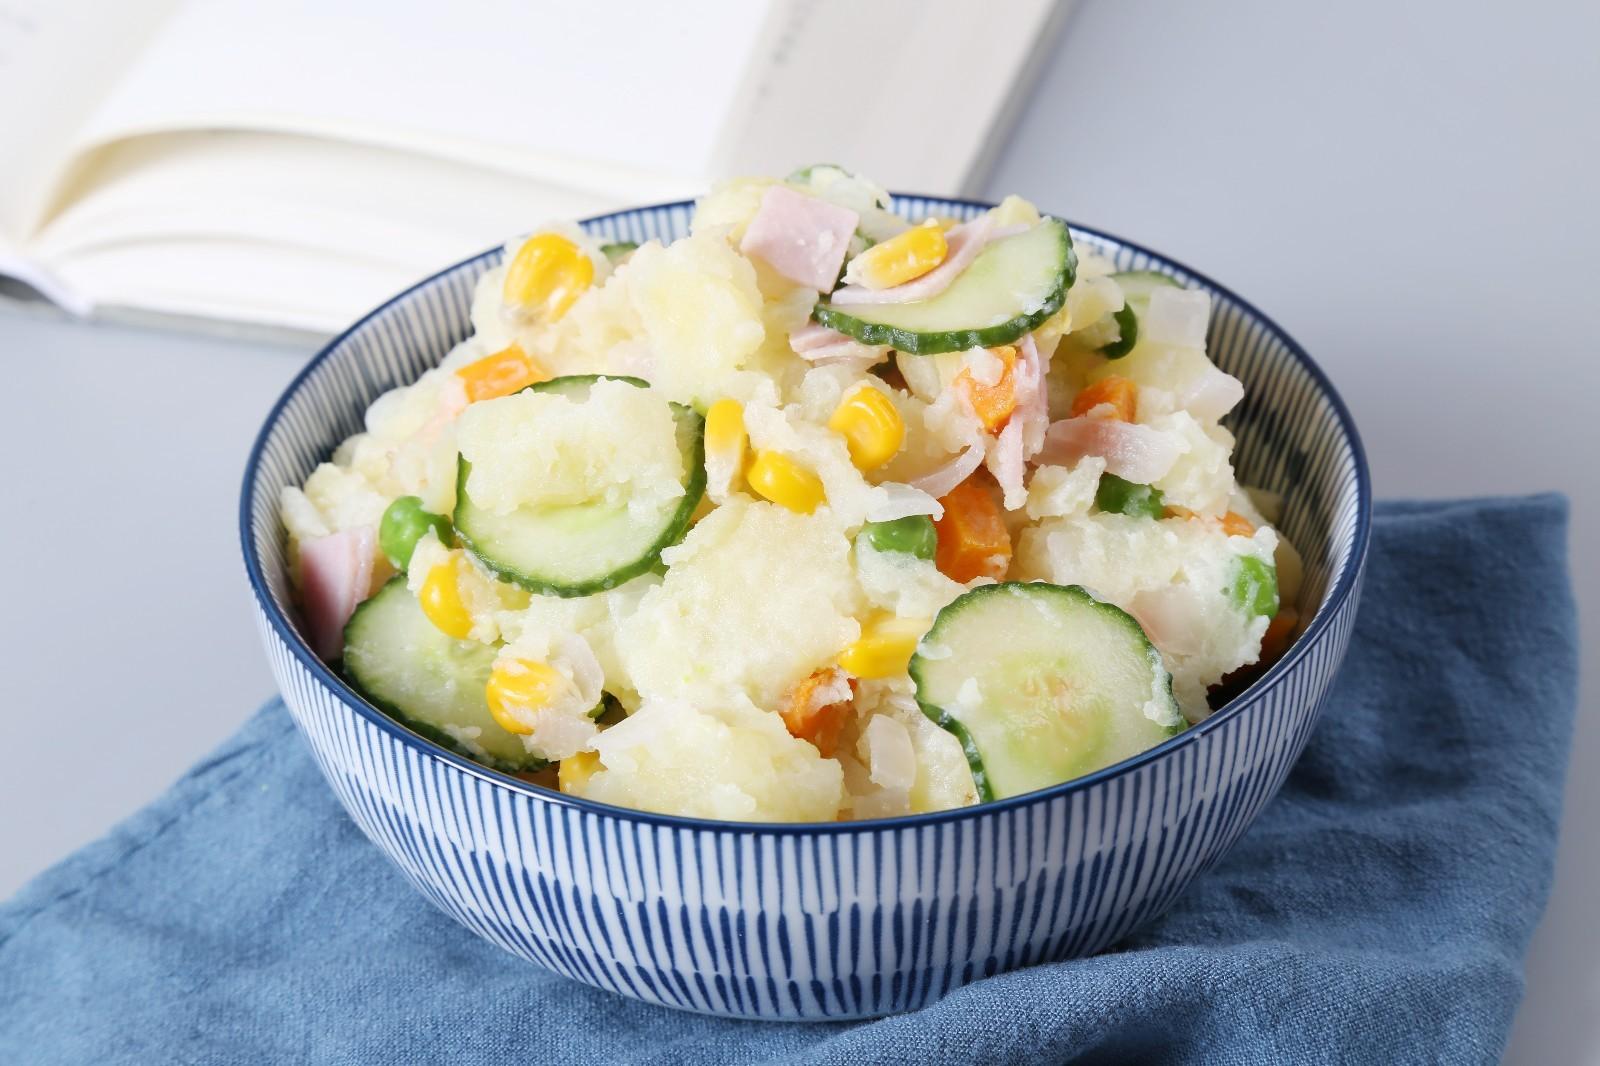 日式土豆沙拉,装碗后,即可食用。</p> <p>夏天吃冷藏食用更佳。